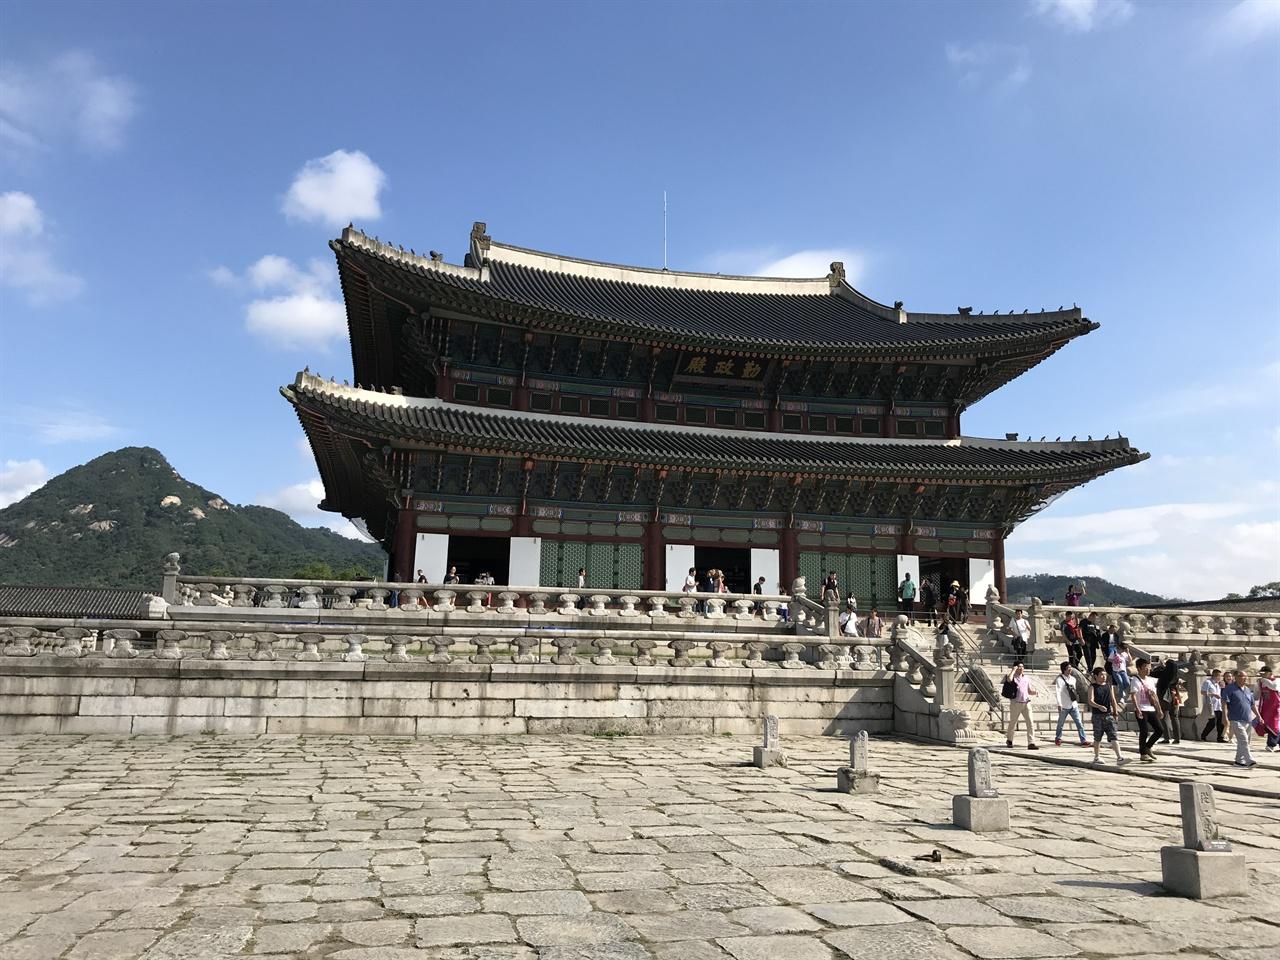 근정전 경복궁 근정전은 우리나라에 현존하는 건물 중 가장 큰 목조 건축물이다. 근정전 용상은 왕의 상징이지만 일제 강점기에는 조선 총독이 이 자리에 앉았다.